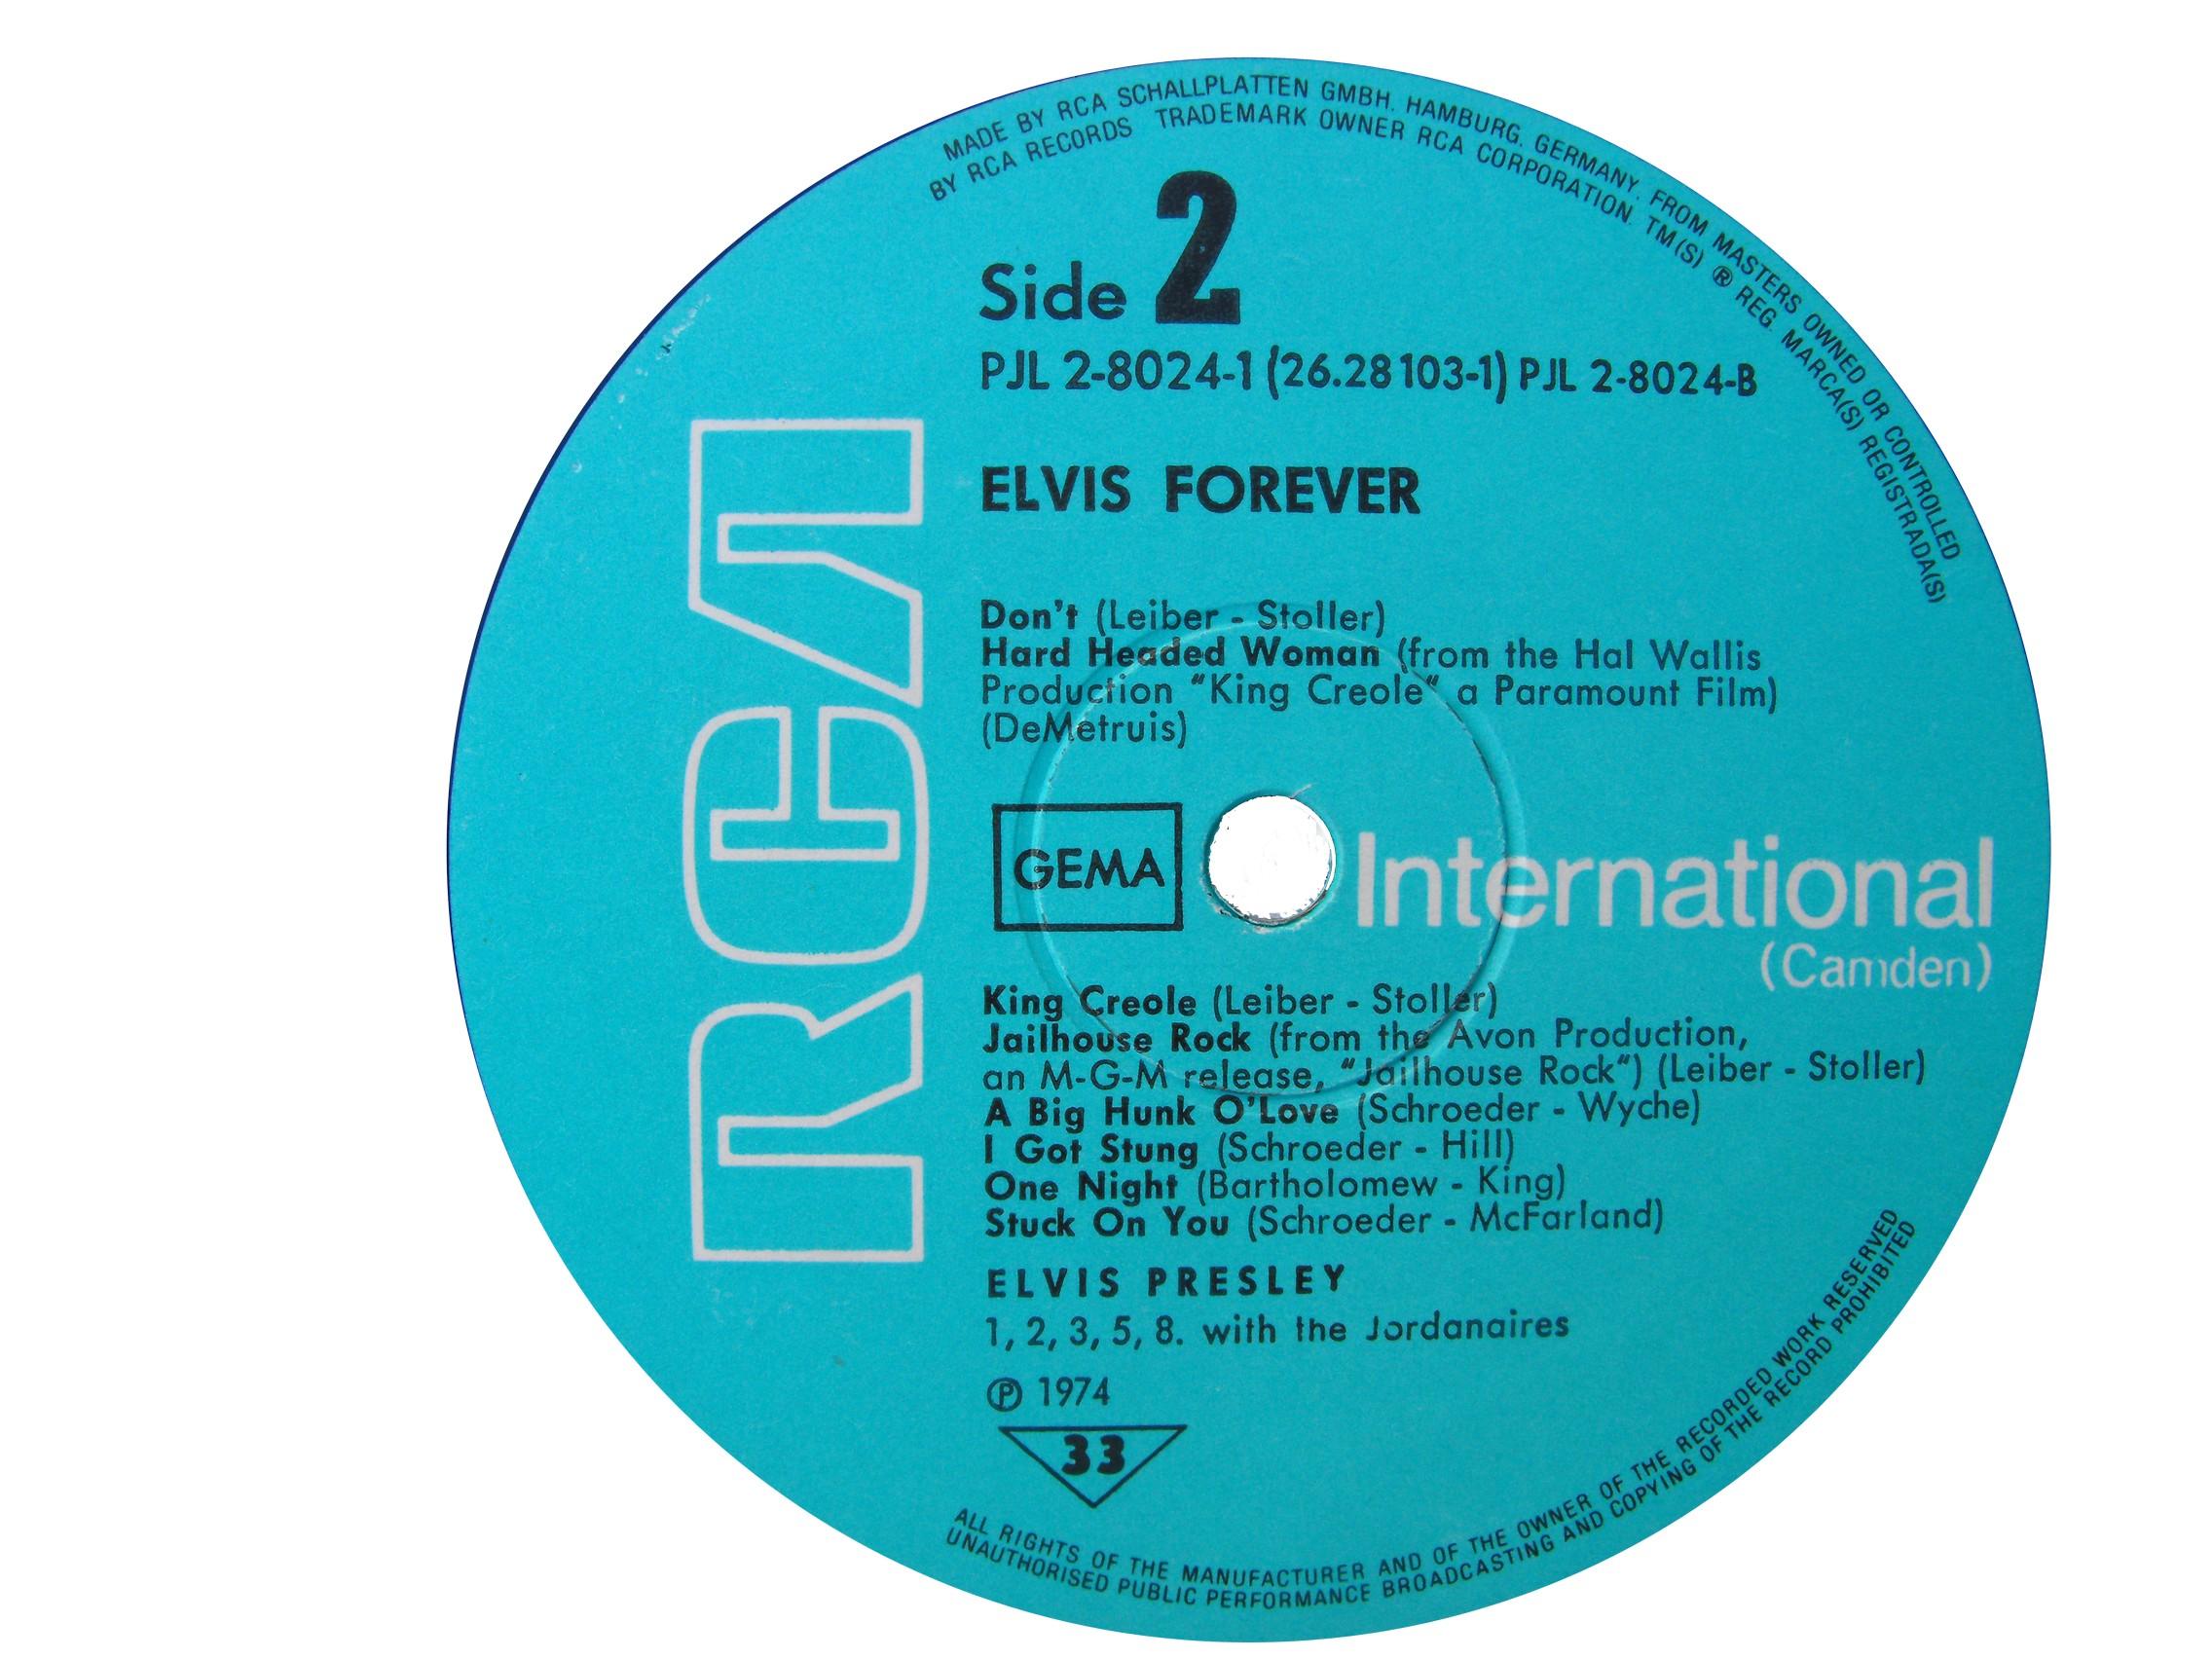 ELVIS FOREVER - 32 HITS Efside21975a9c2s